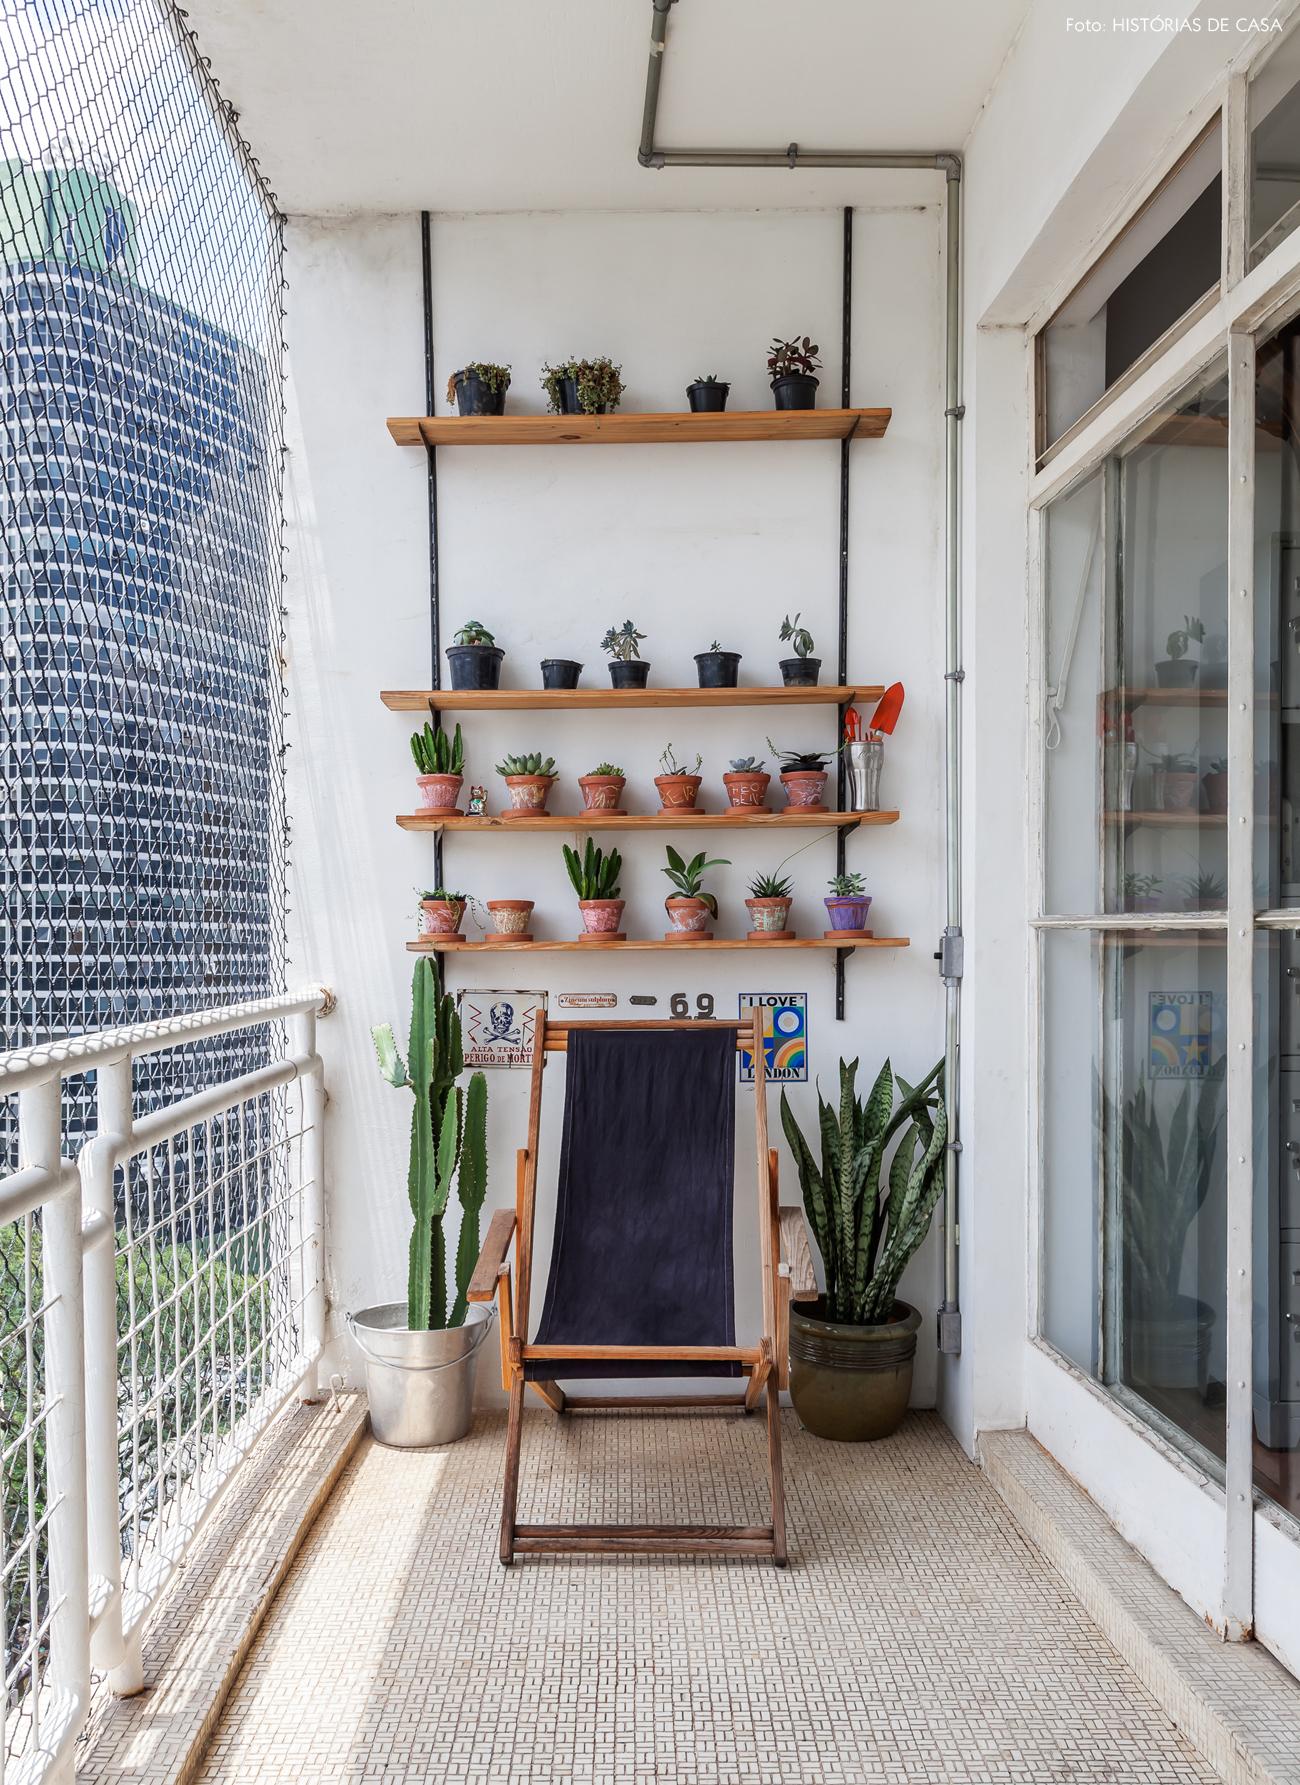 18-decoracao-apartamento-antigo-varanda-suculentas